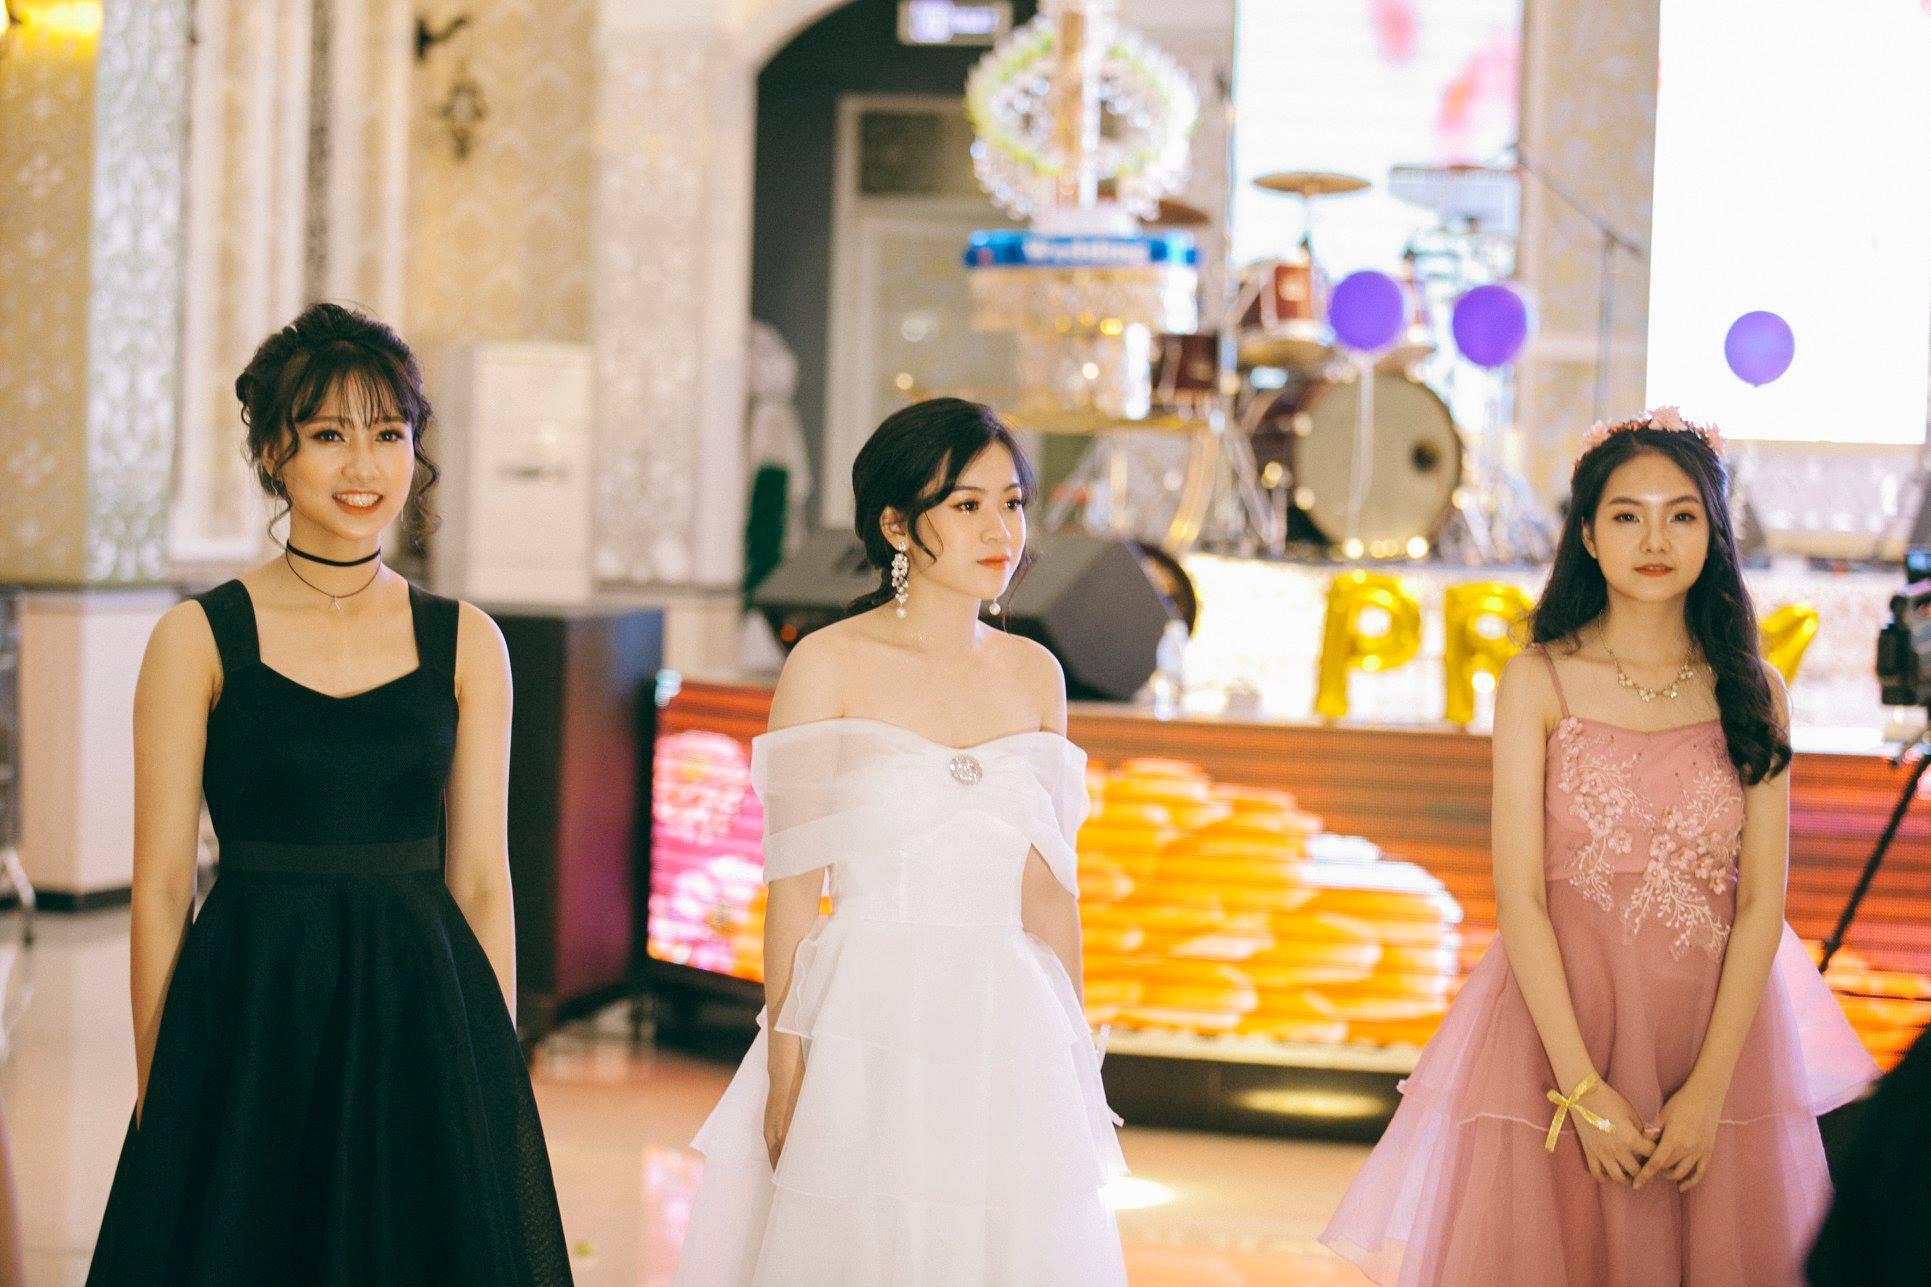 Không chỉ RMIT, trường chuyên phố núi Kon Tum cũng khiến chúng ta đã mắt với dàn trai xinh gái đẹp trong tiệc prom - Ảnh 14.